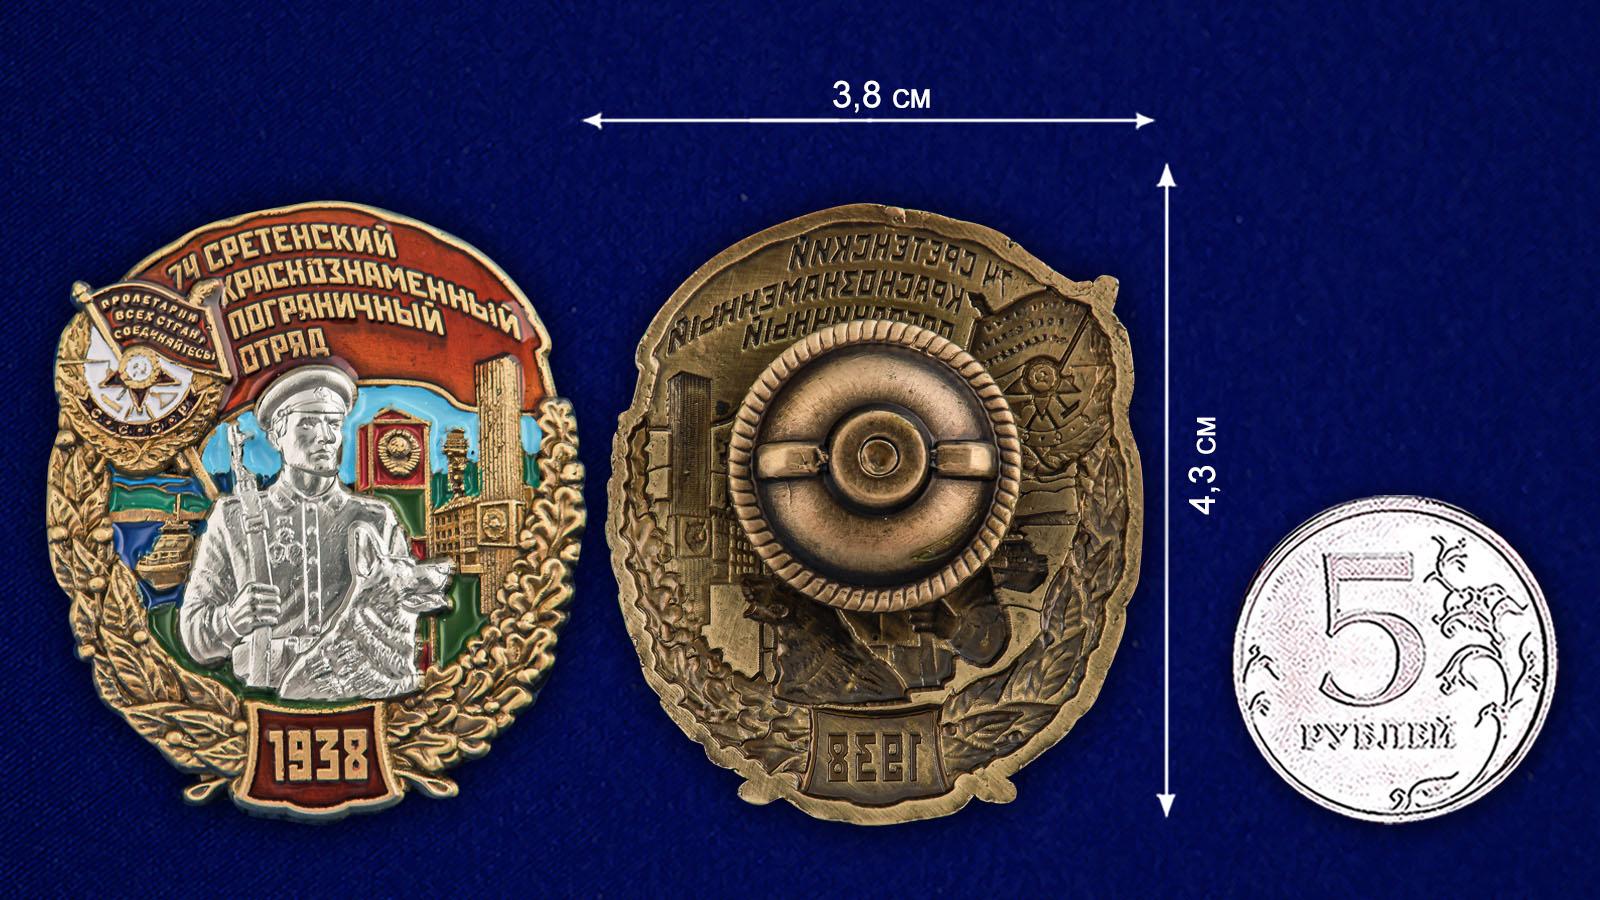 Памятный знак 74 Сретенский пограничный отряд - сравнительный вид